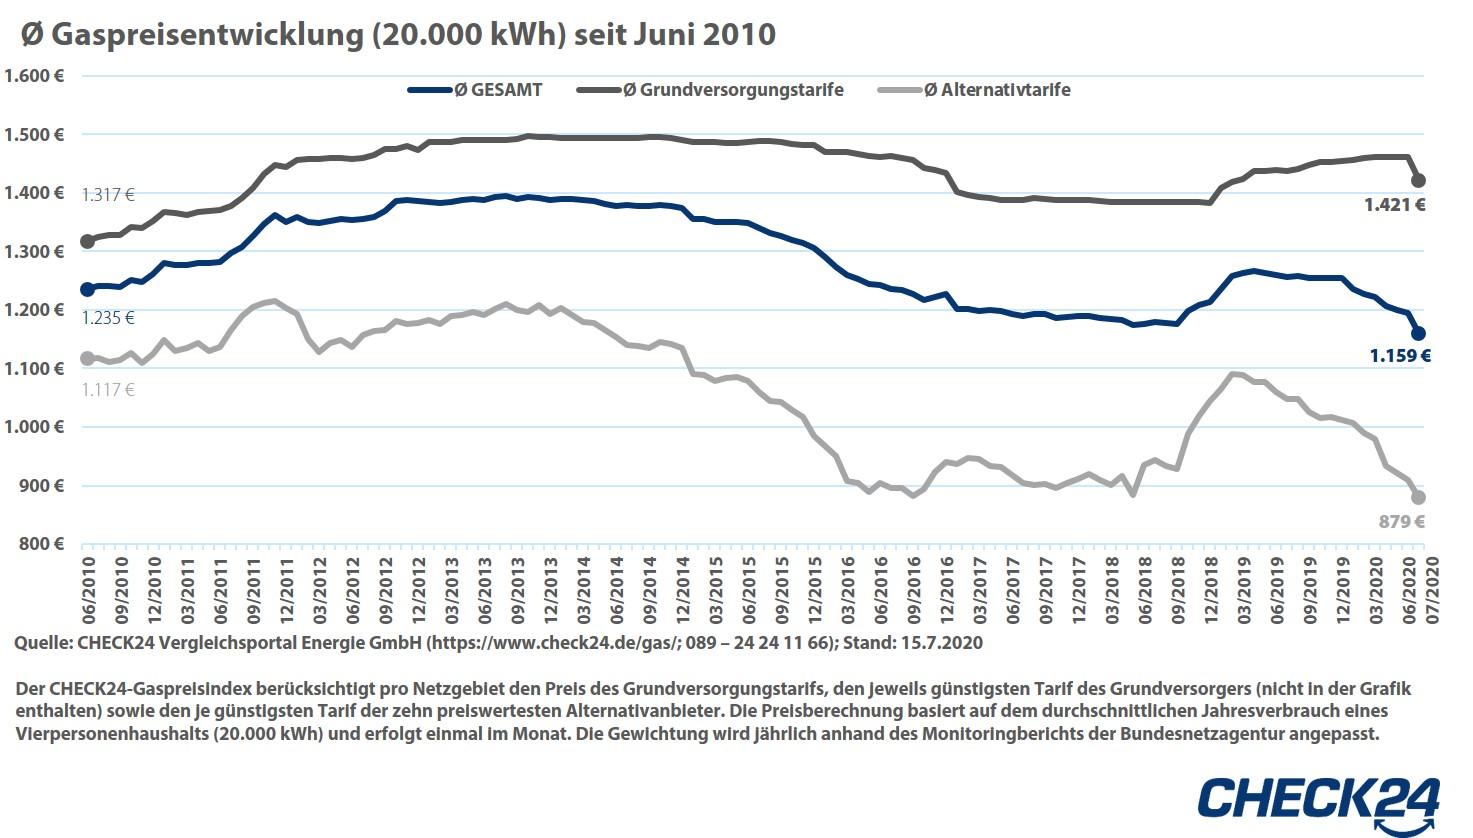 Gaspreisentwicklung seit Juni 2010